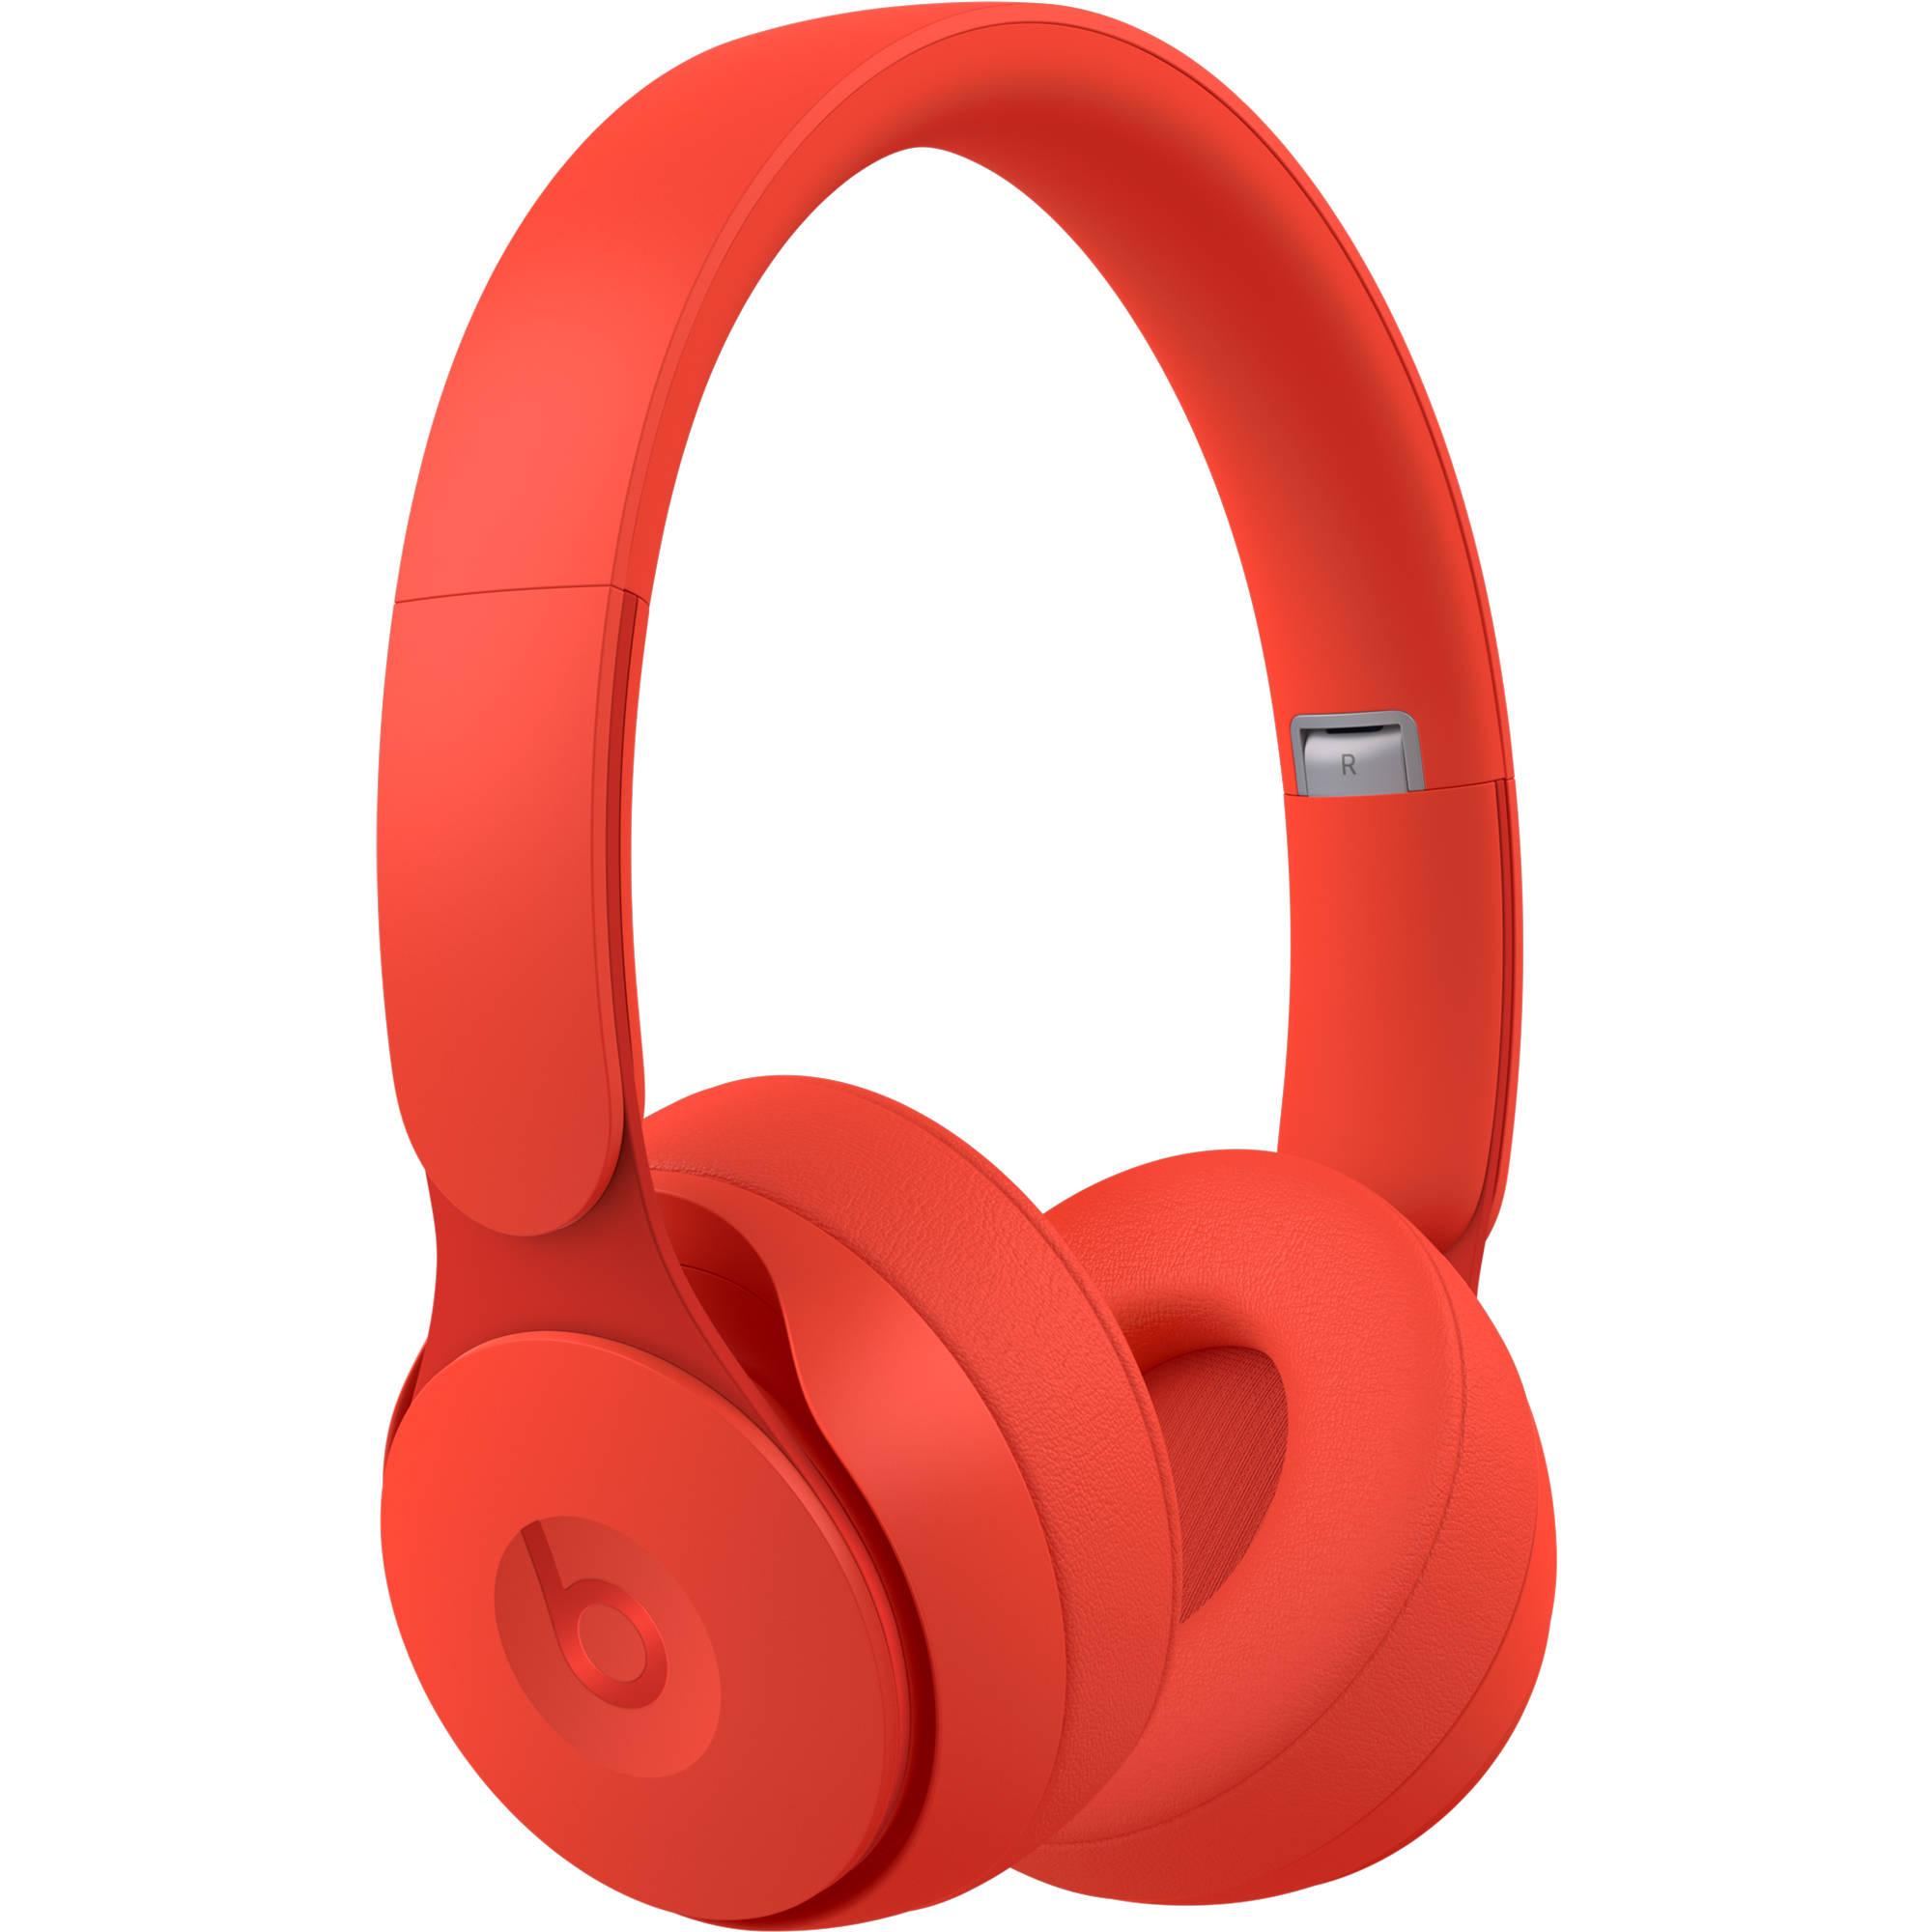 Beats by Dr. Dre Solo Pro Wireless Noise-Canceling MRJC2LLA B&H